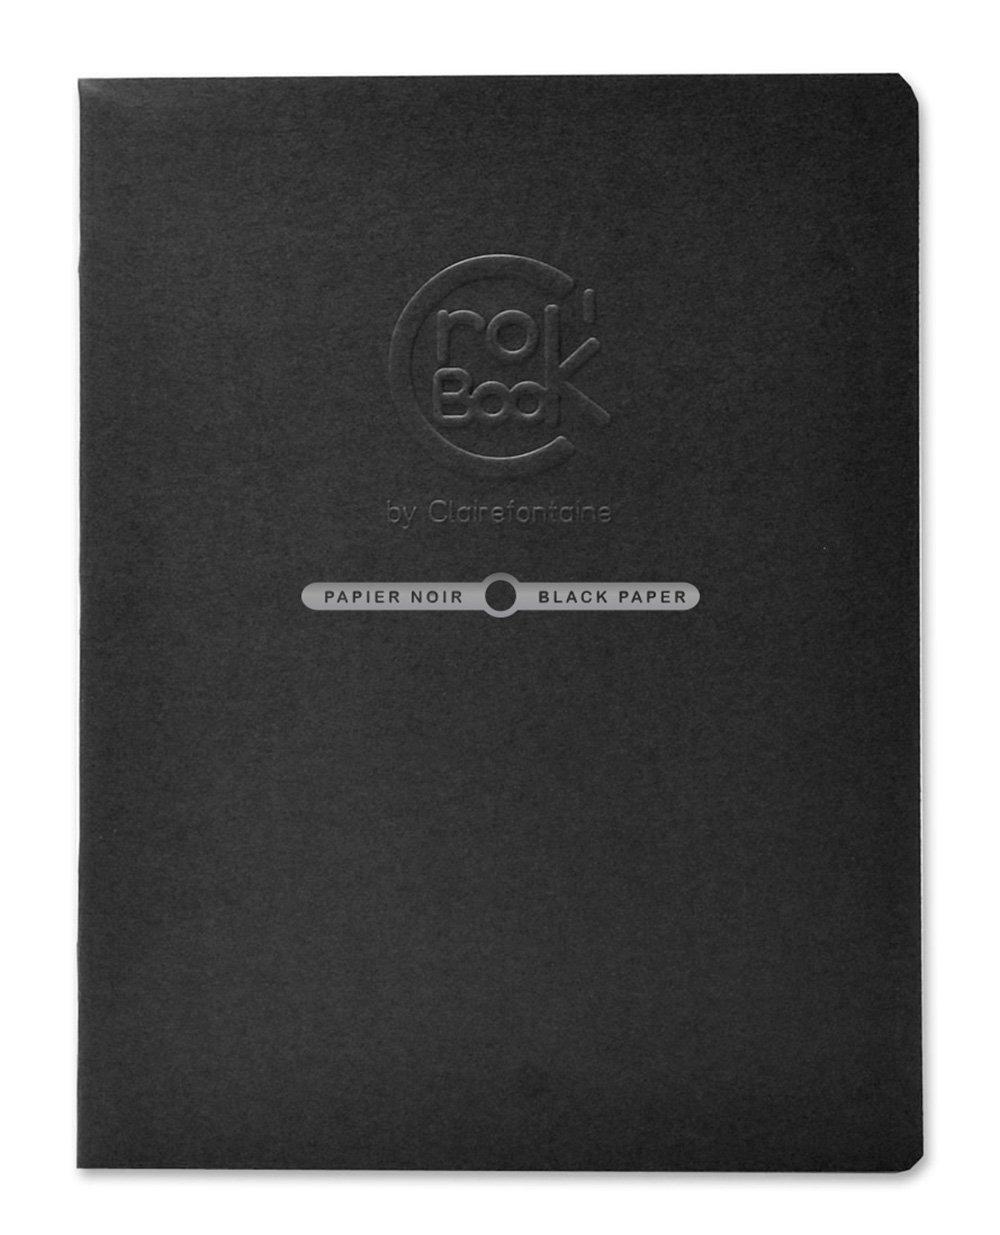 Clairefontaine 60314C Crok'Book Quaderno da Disegno con Carta da Schizzo, 17 x 11 cm, 20 Fogli, Nero